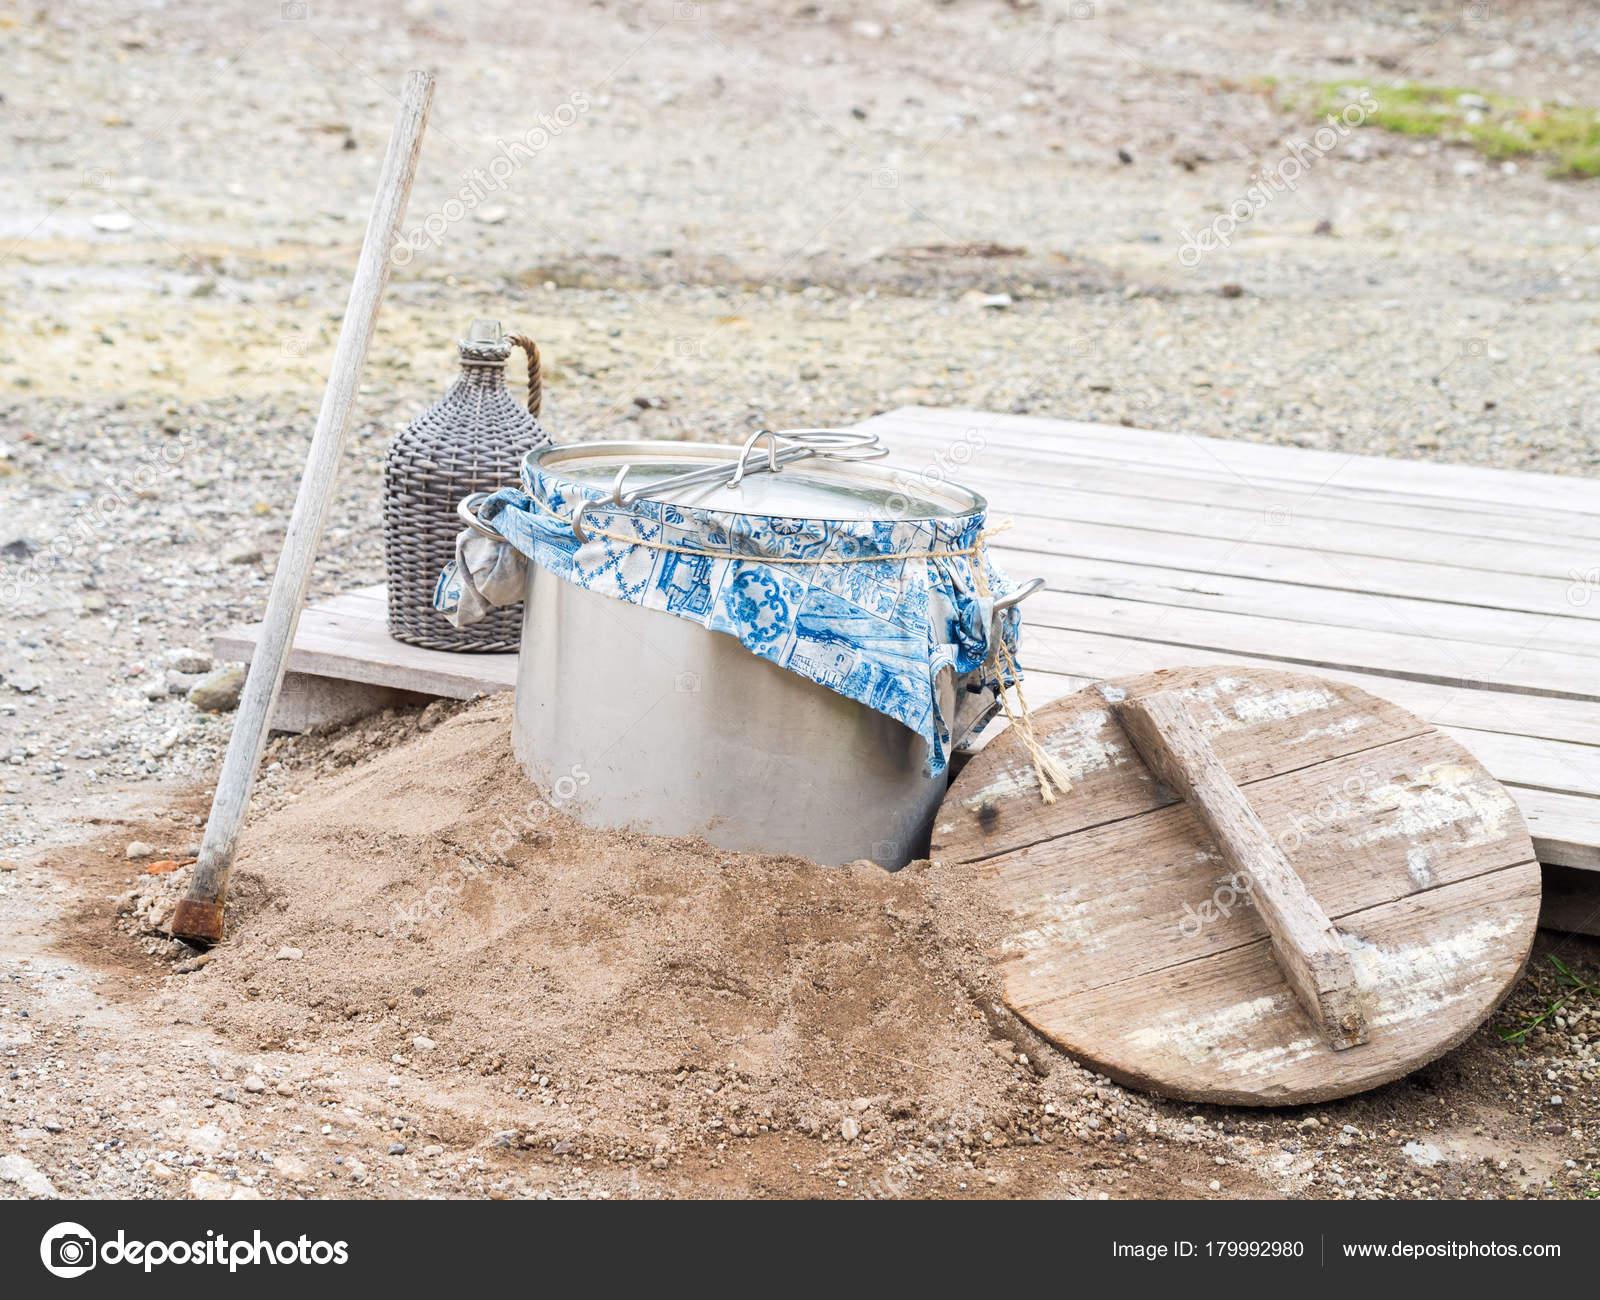 Geothermische koken fumarolas lagoa das furnas sao miguel island